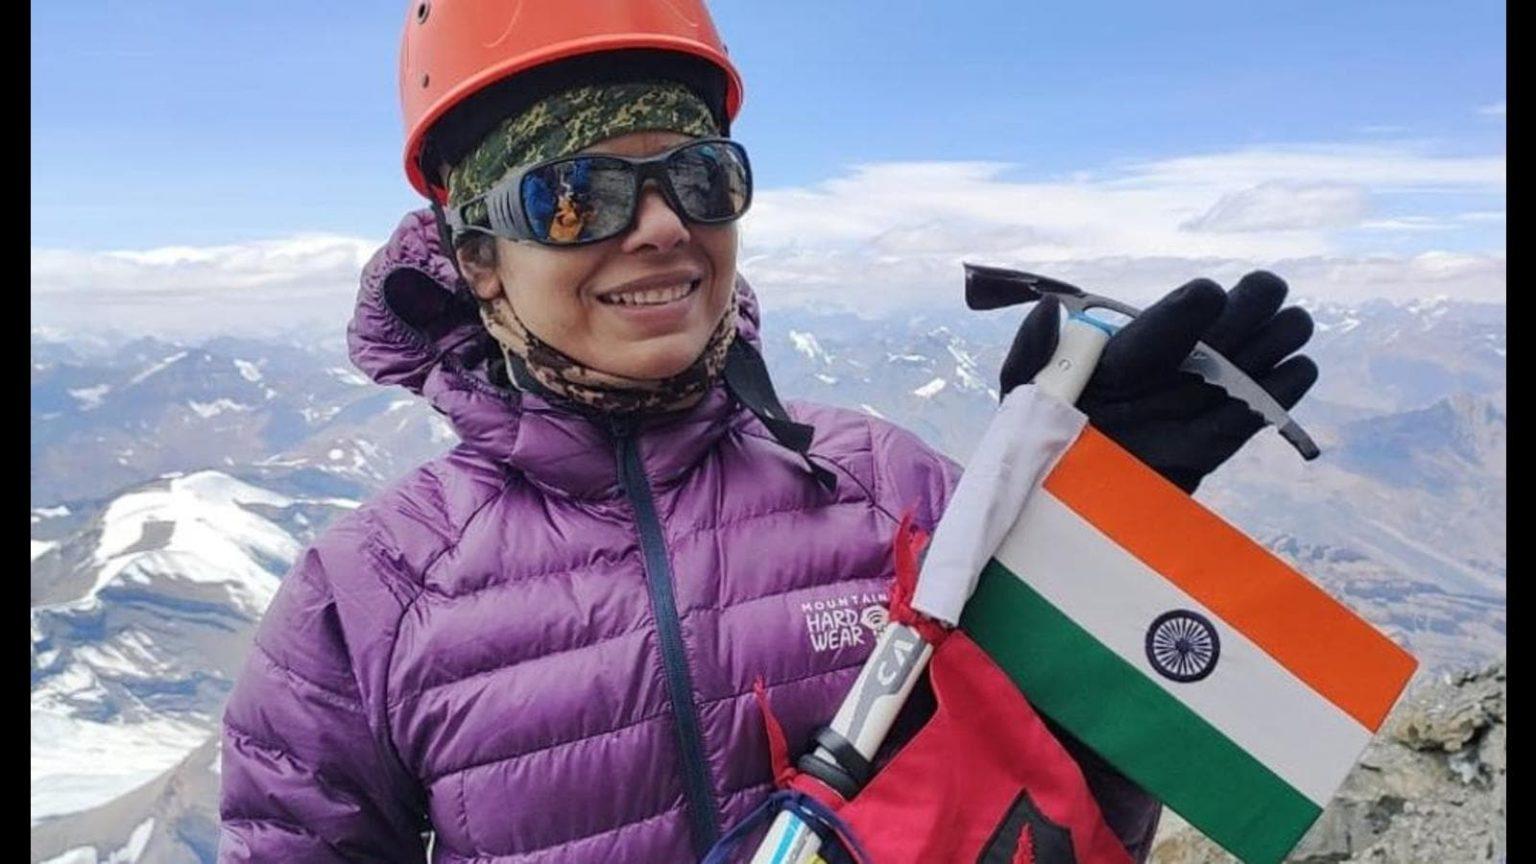 All-women team of three armed forces summits Mt Manirang in Himachal   তিনটি সশস্ত্র বাহিনীর মহিলা দল হিমাচলে মাউন্ট মণিরাঙে আরোহণ করেছে_40.1